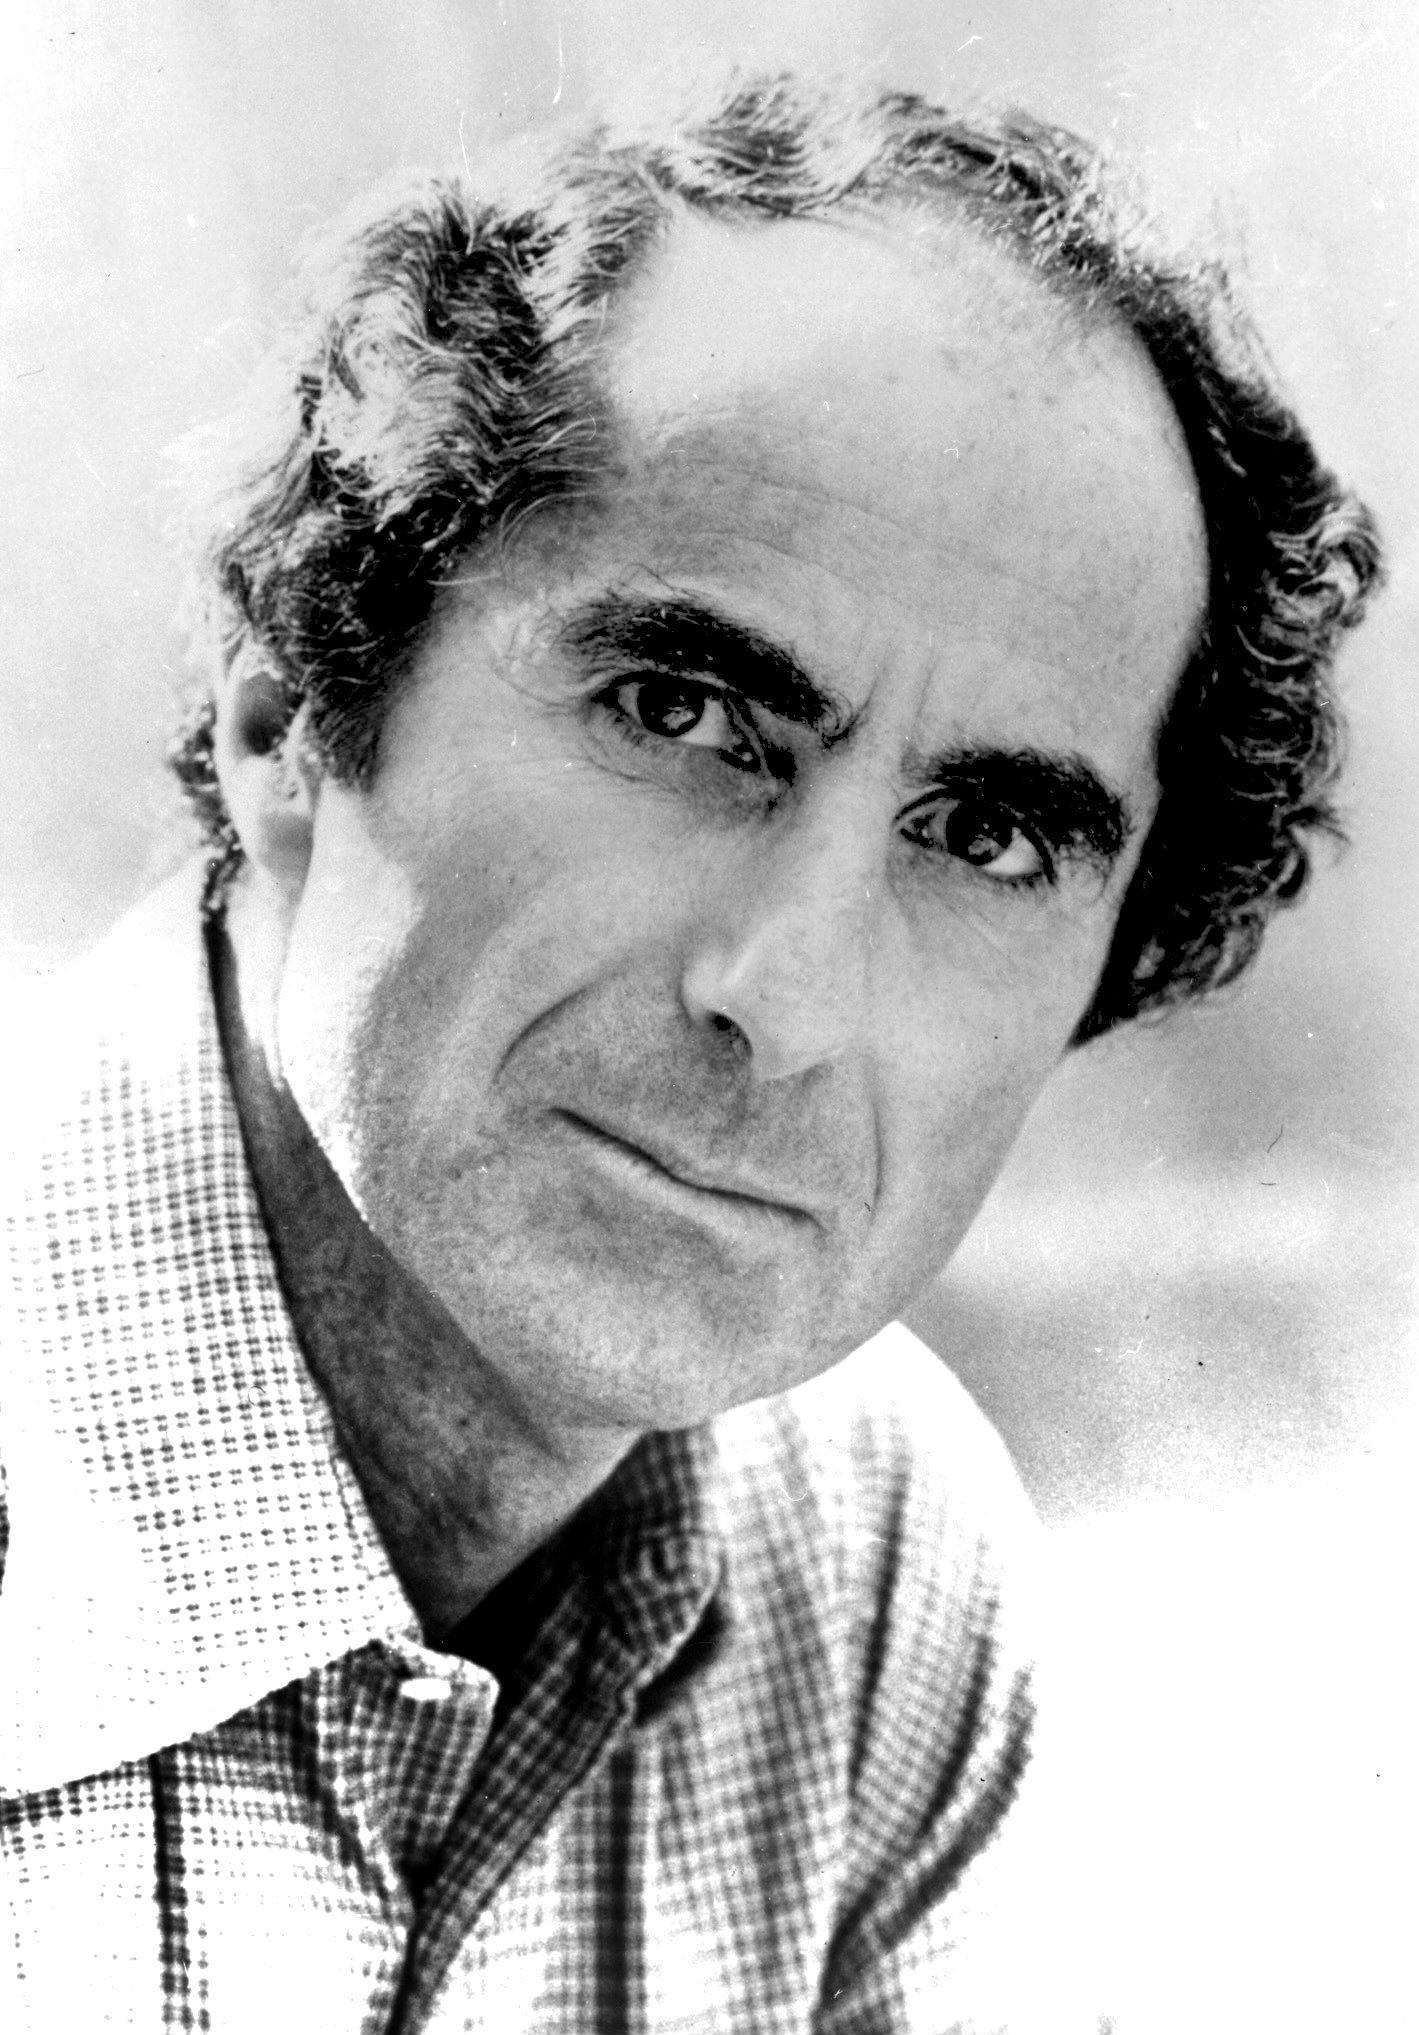 E' morto Philip Roth, gigante della letteratura americana